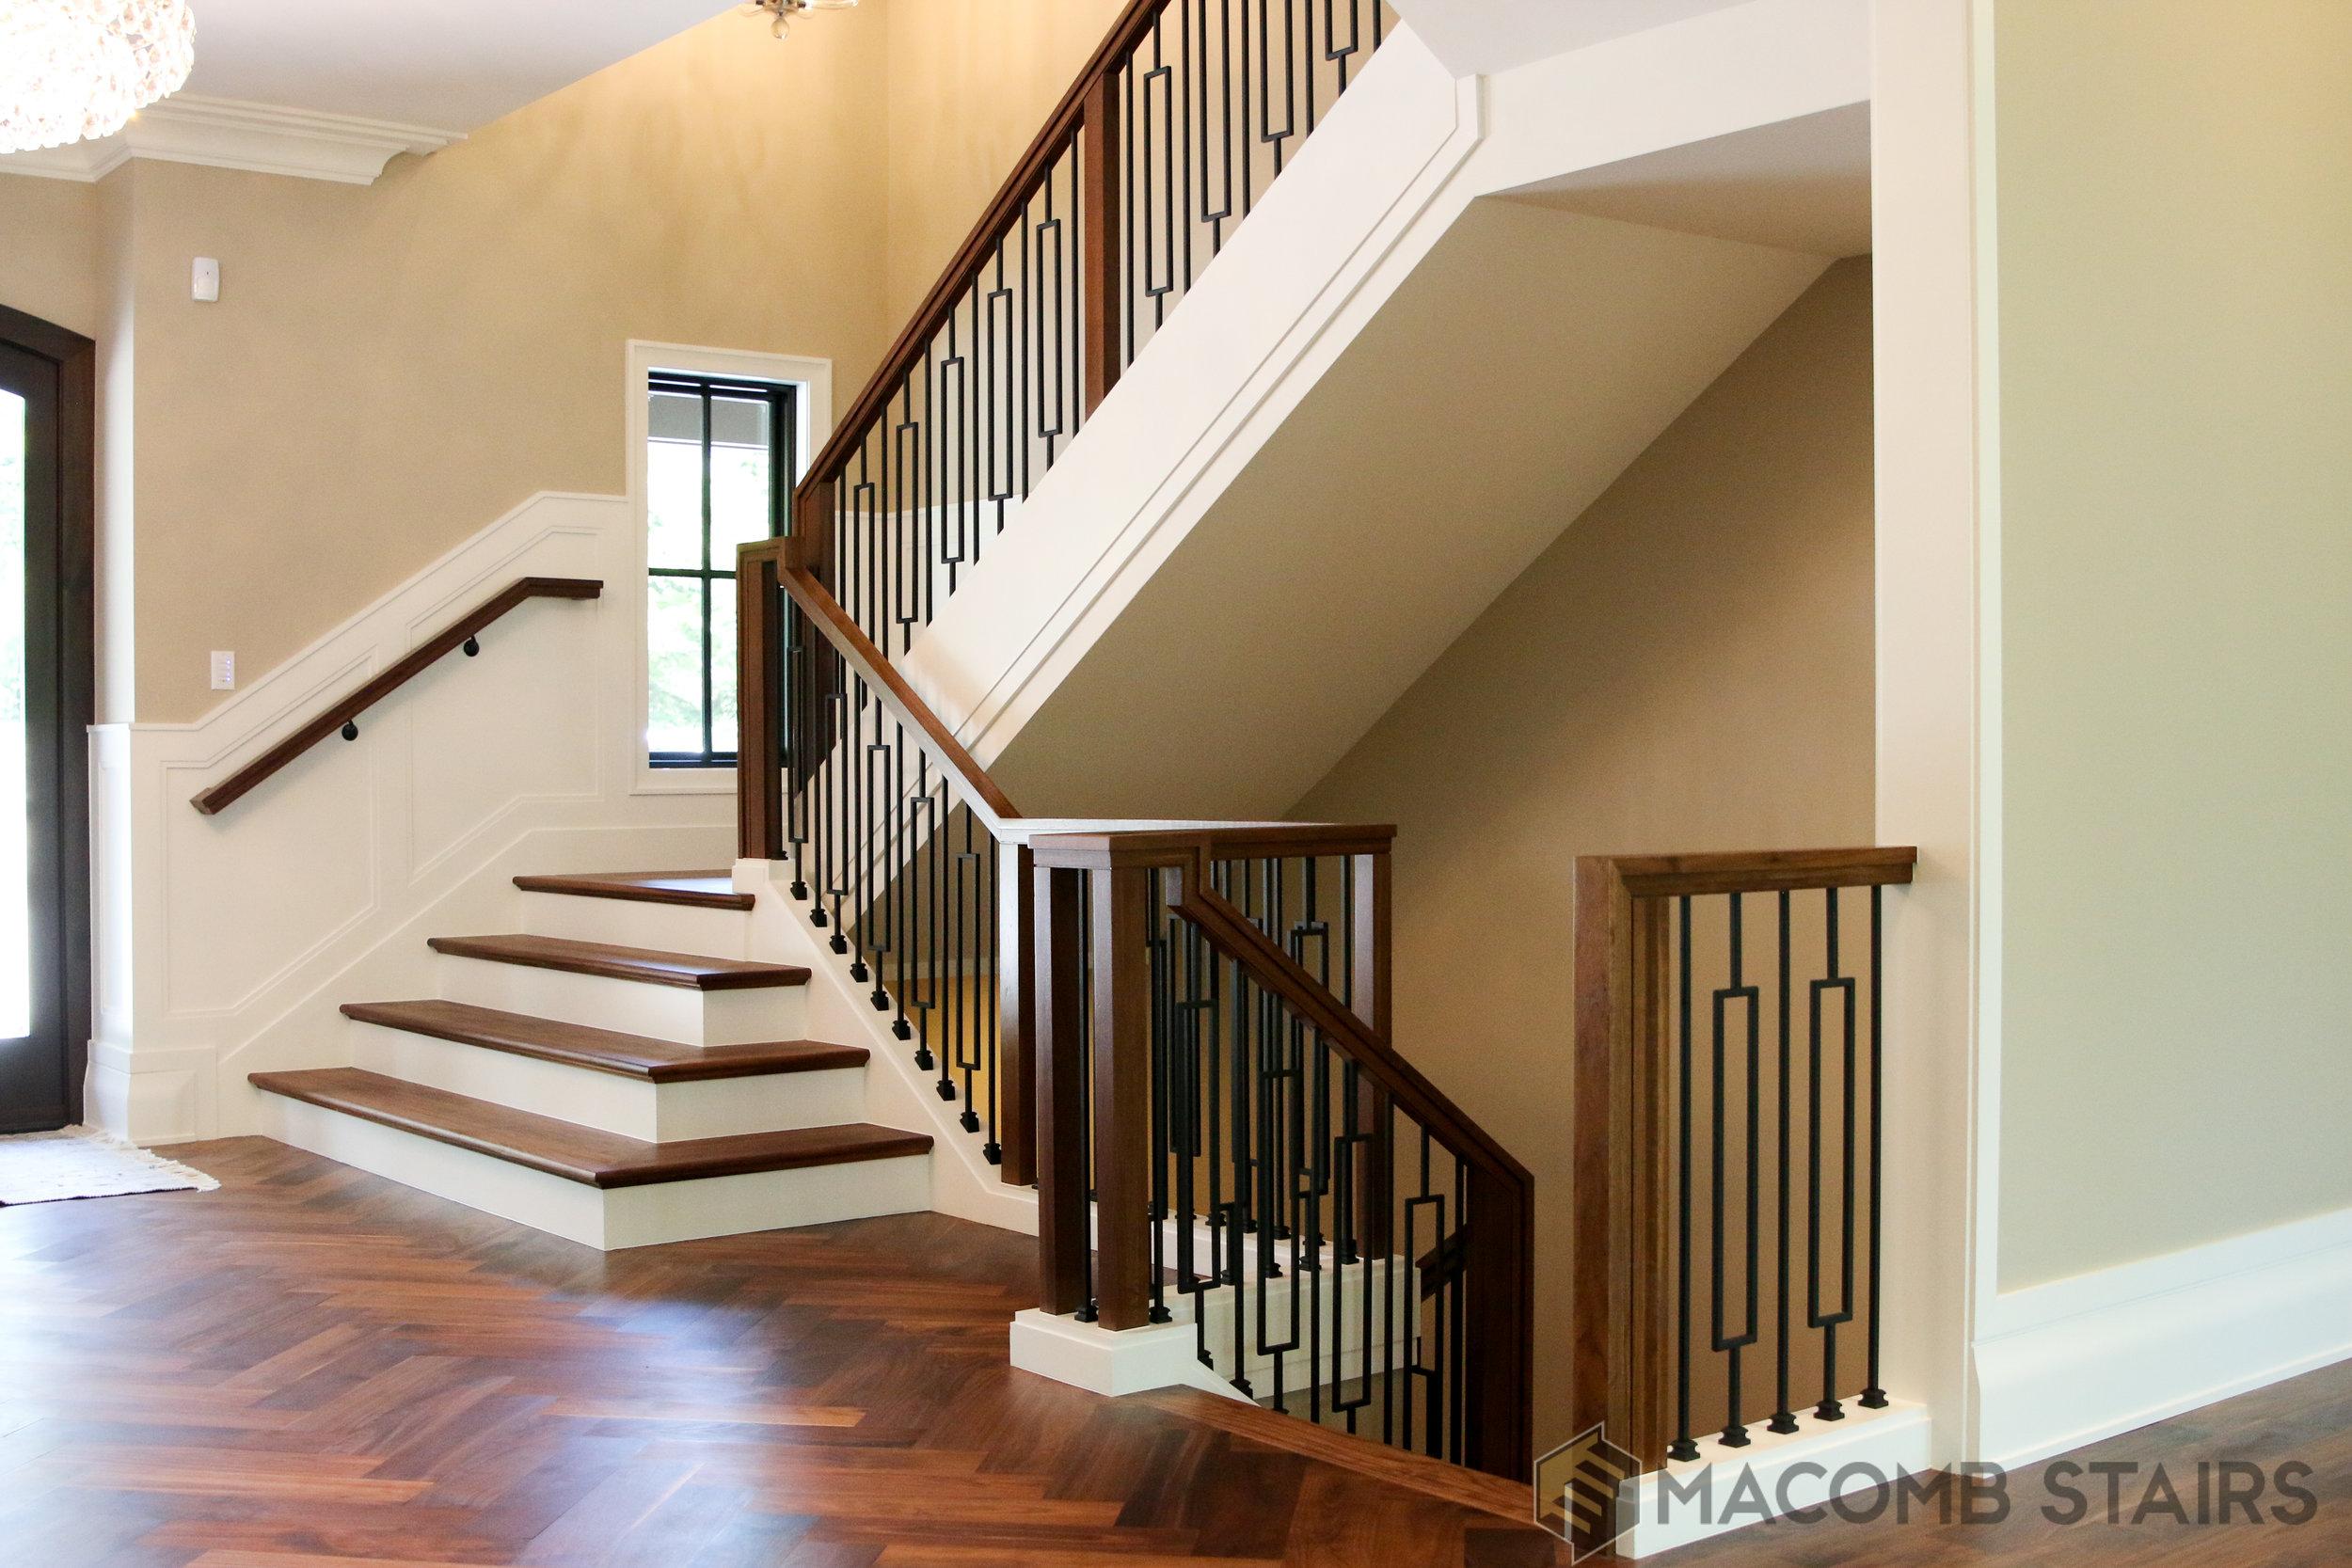 Macimb Stairs- Stair Photo-1.jpg